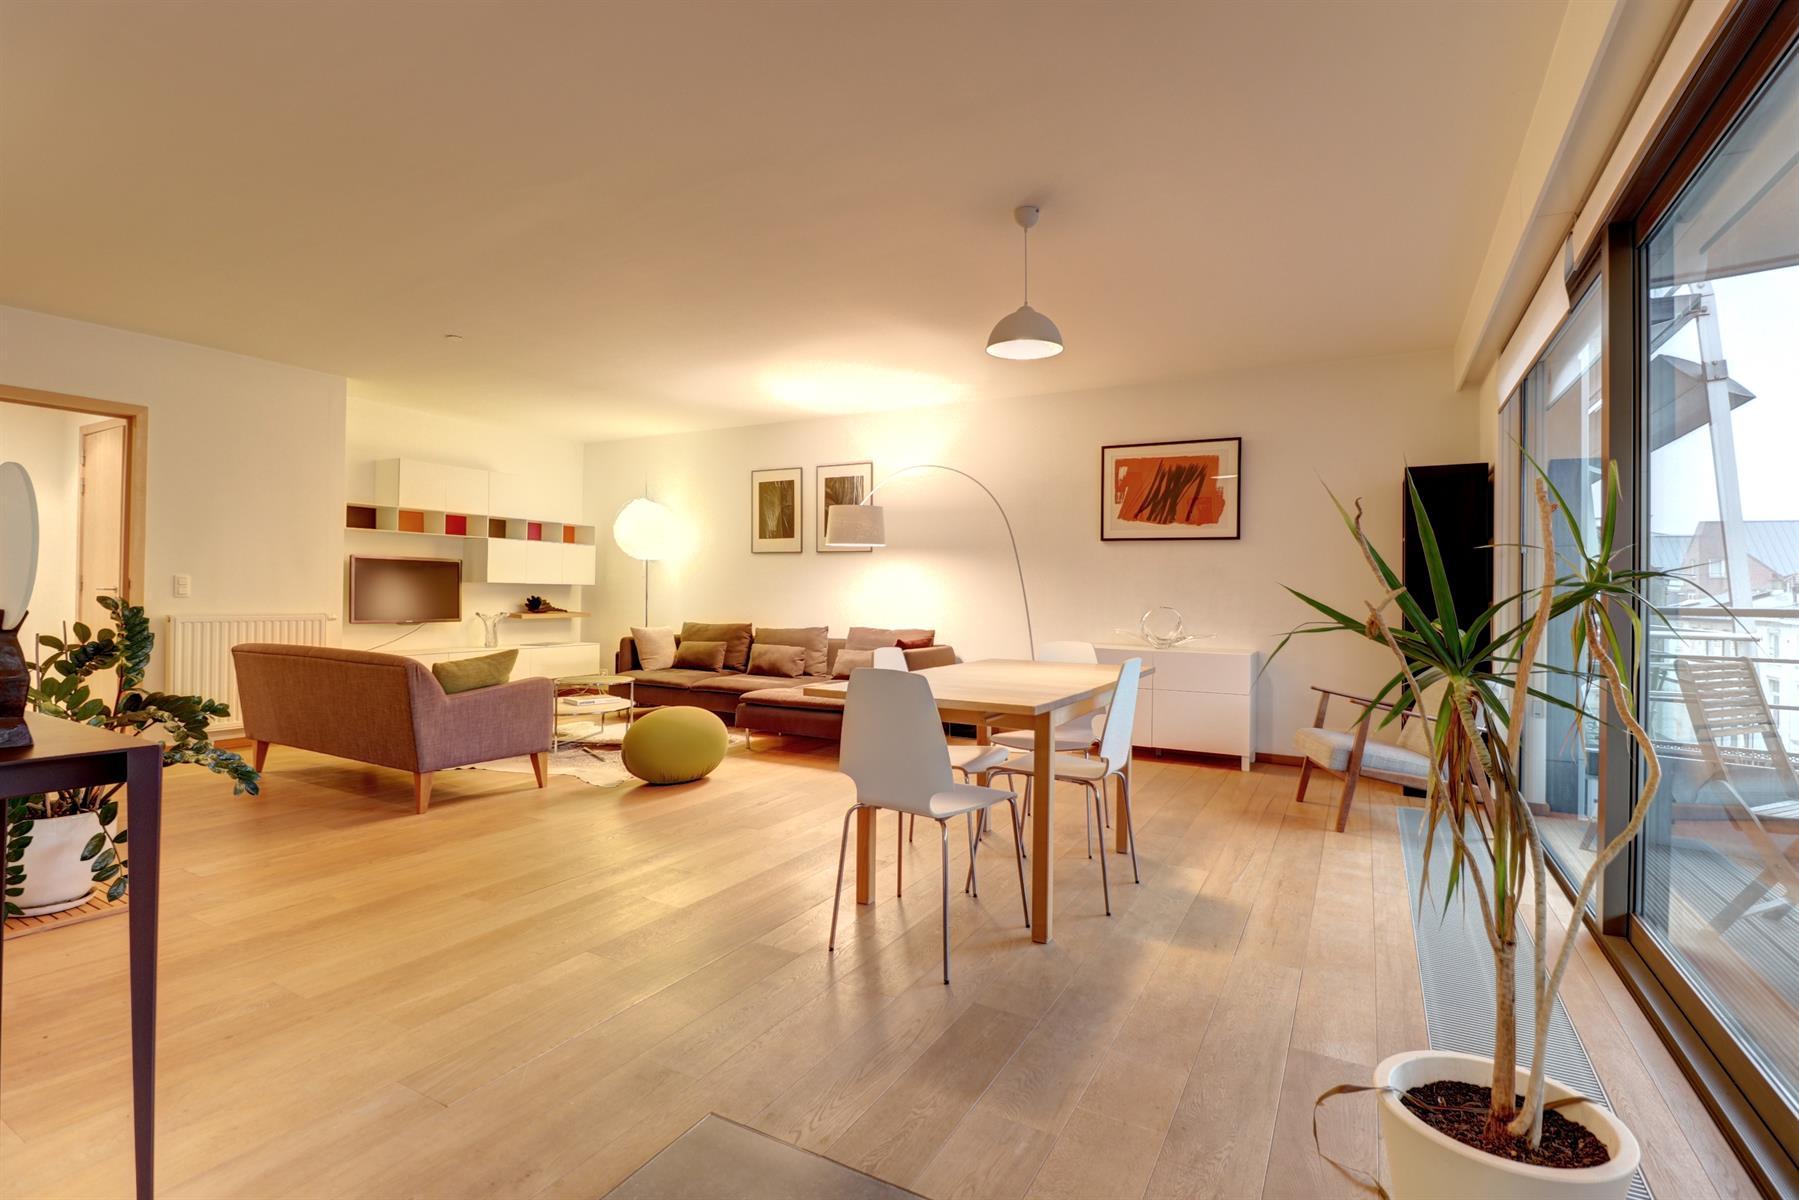 Flat - Ixelles - #4225896-17